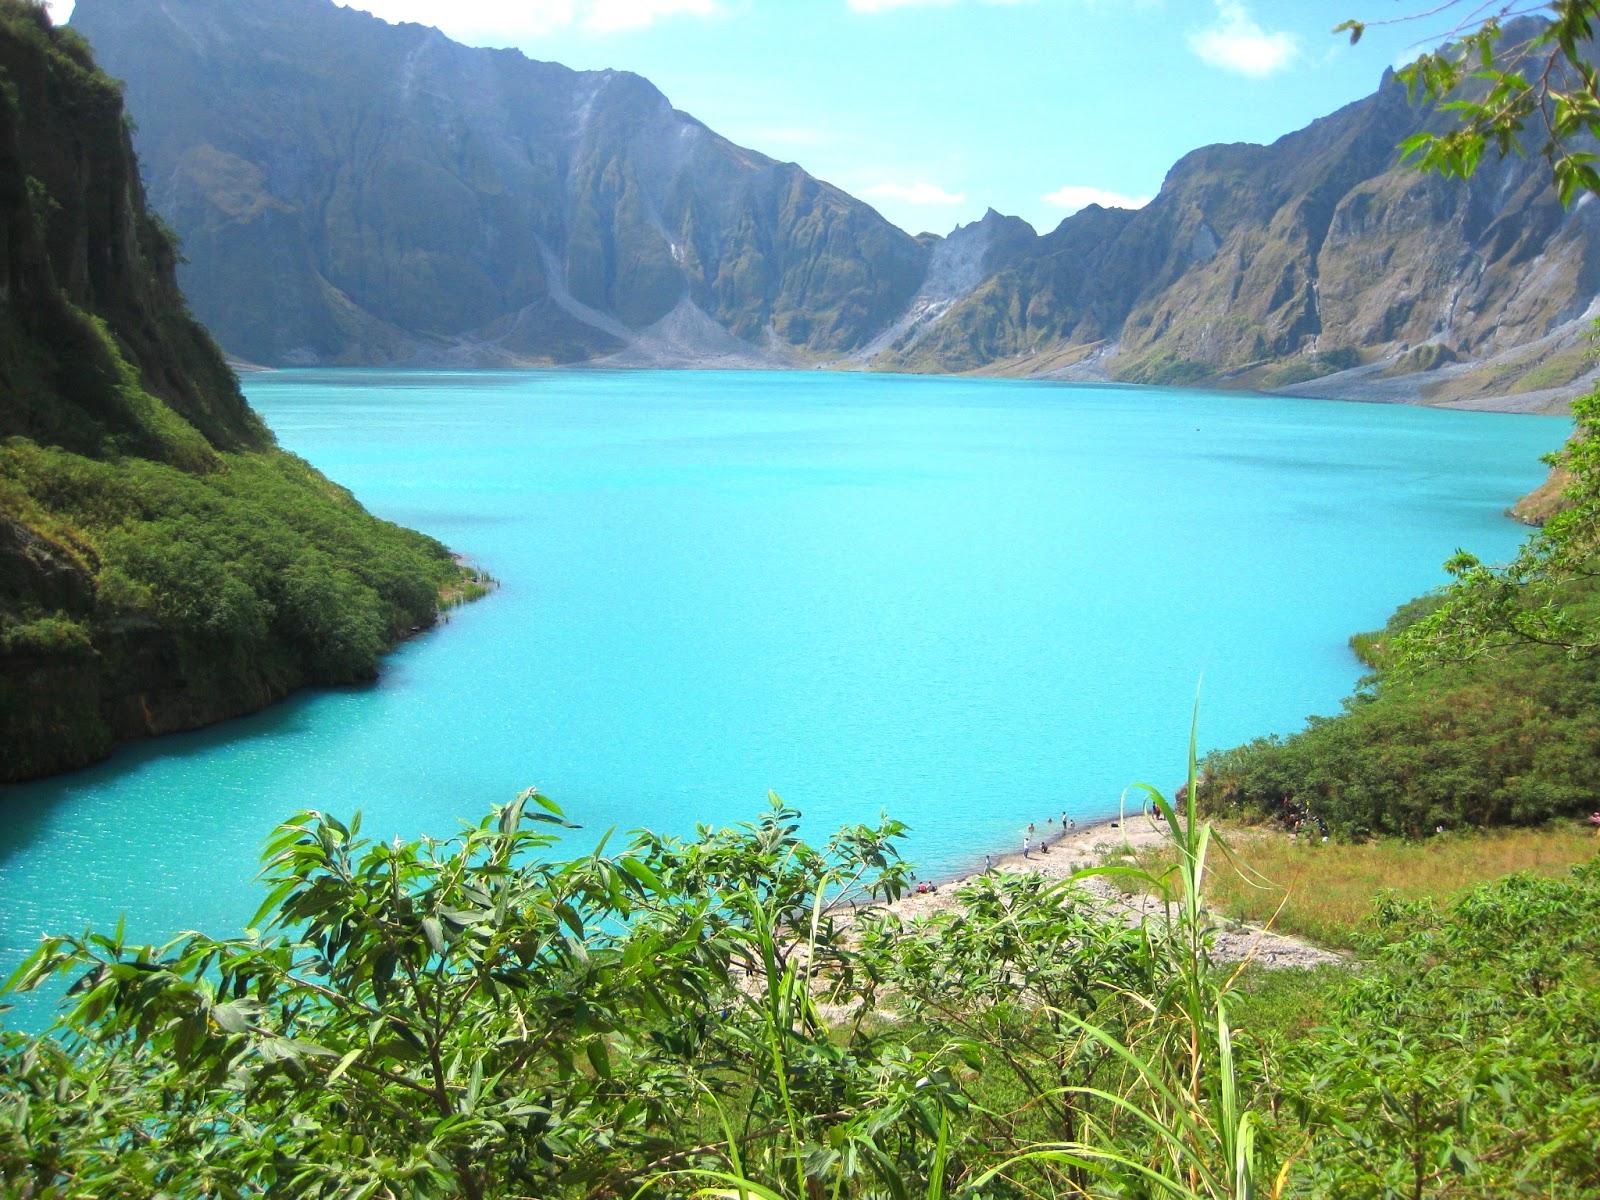 Hãng Cebu Pacific khuyến mãi vé máy bay đi Philippines giá chỉ 180.76 Peso